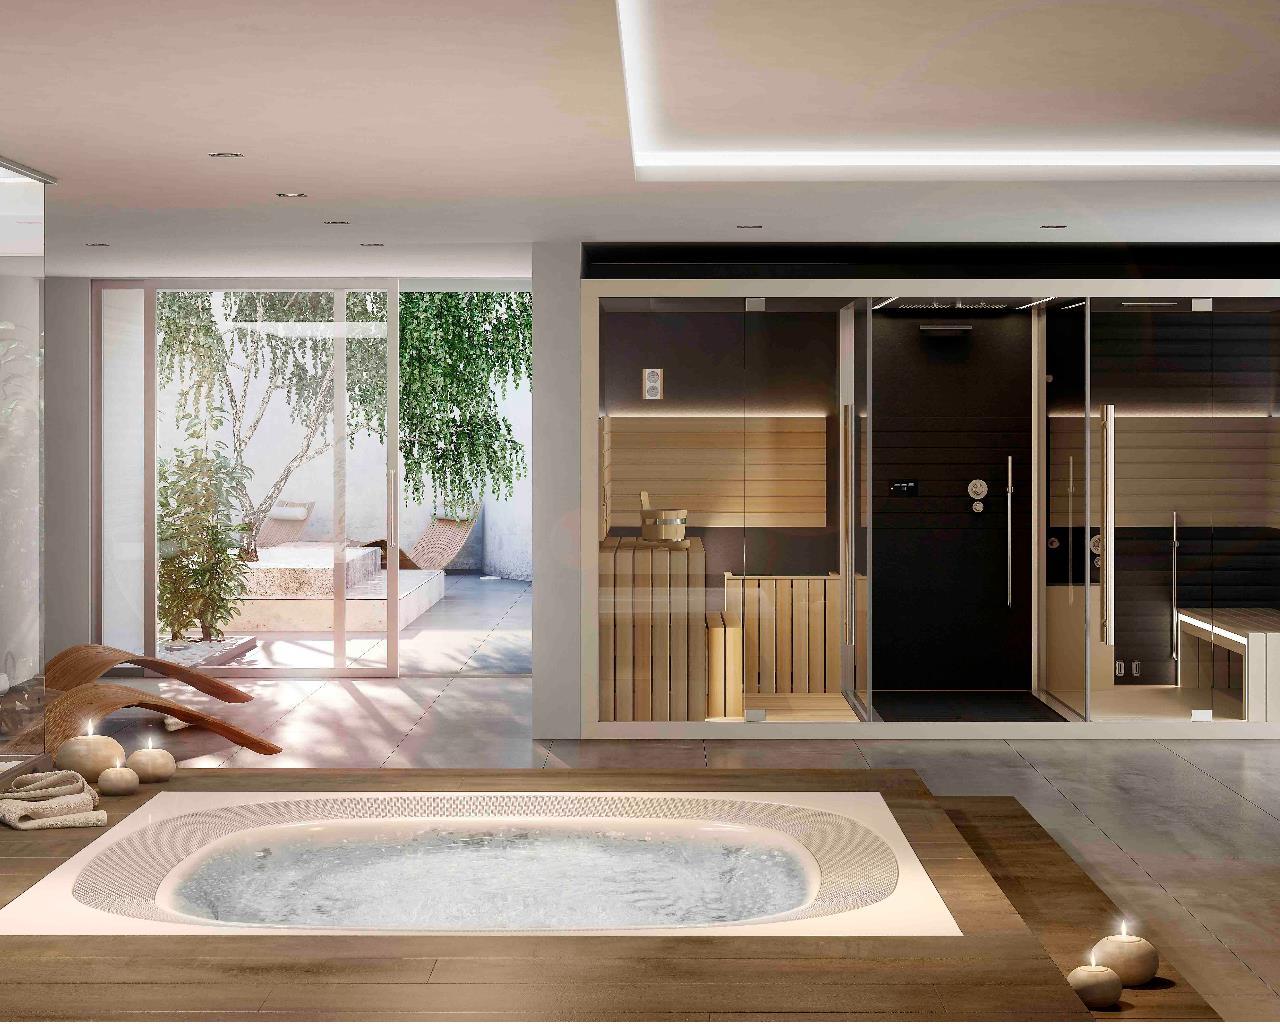 Bagno Esterno In Giardino jacuzzi® piscine o minipiscine - aquazzura per la tua casa